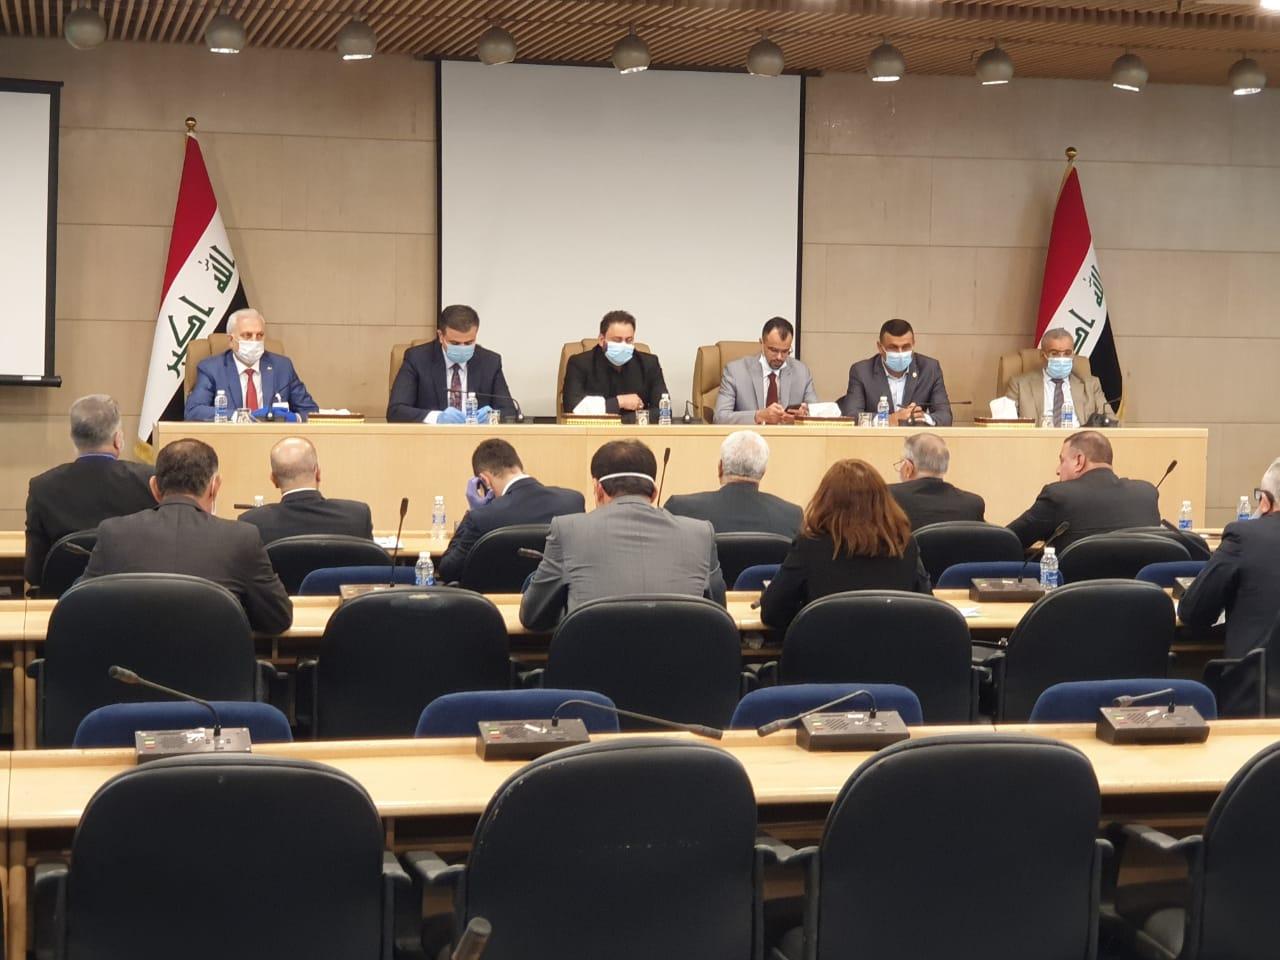 البرلمان العراقي يضع اللمسات الاخيرة على قانون الانتخابات